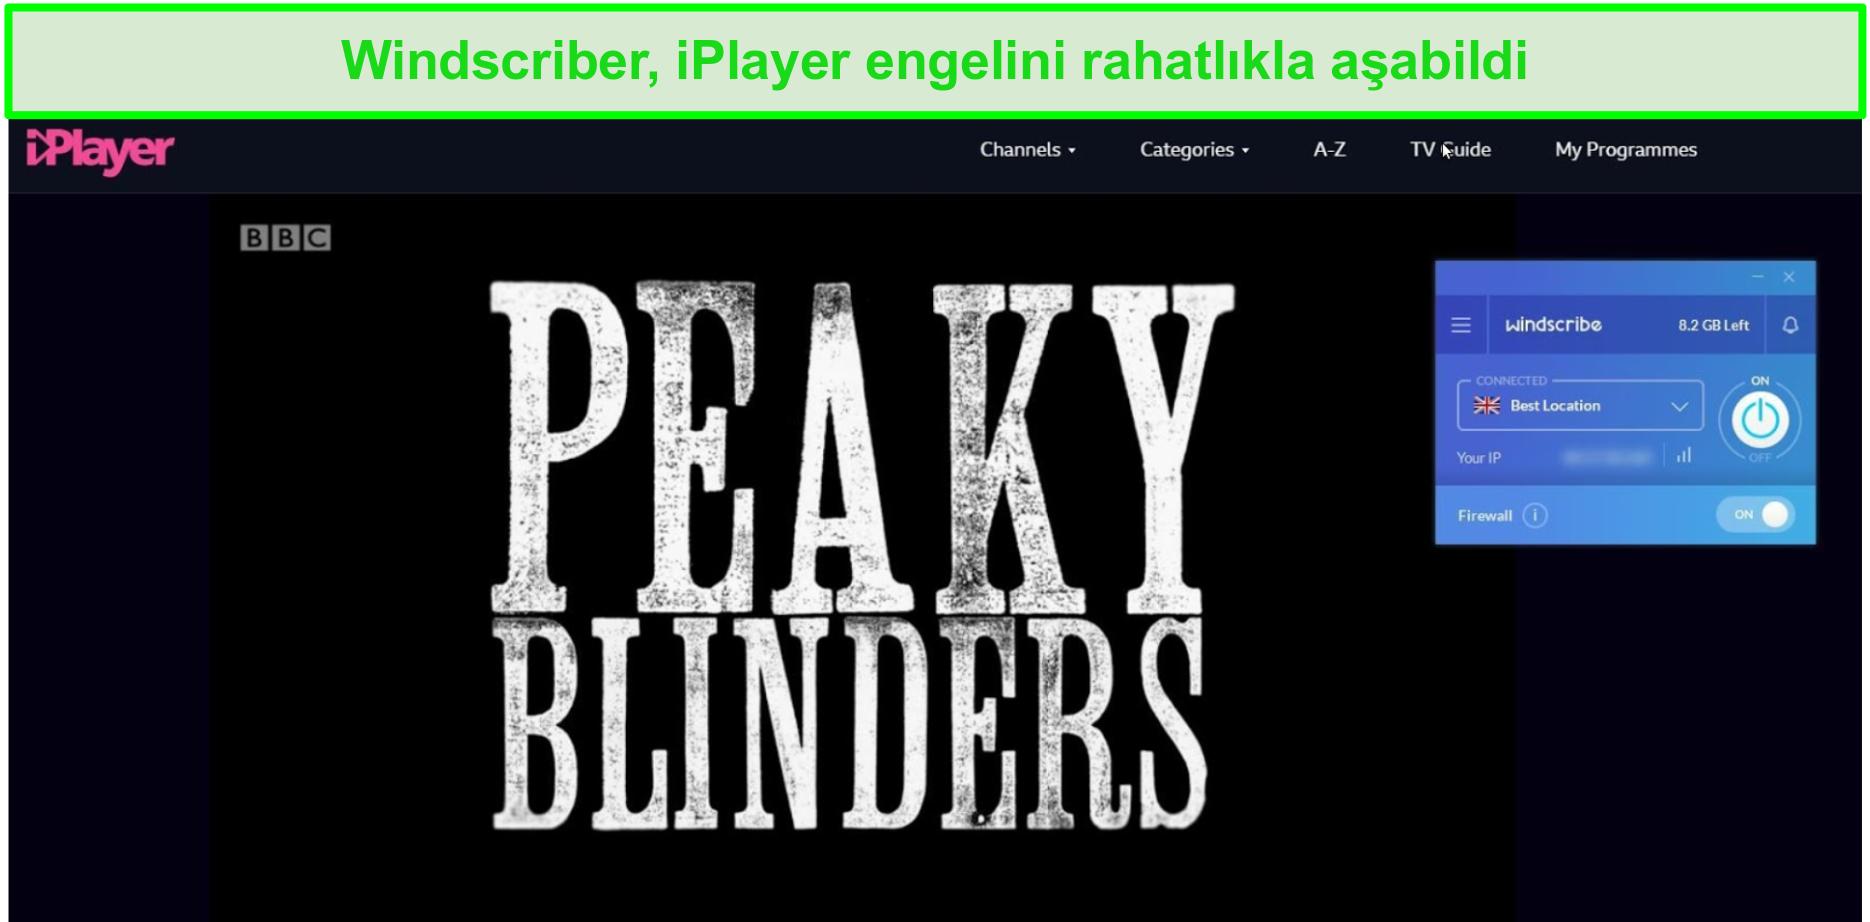 ekran görüntüsü Windscribe ile BBC iPlayer'ı izleme yeteneğini gösterir